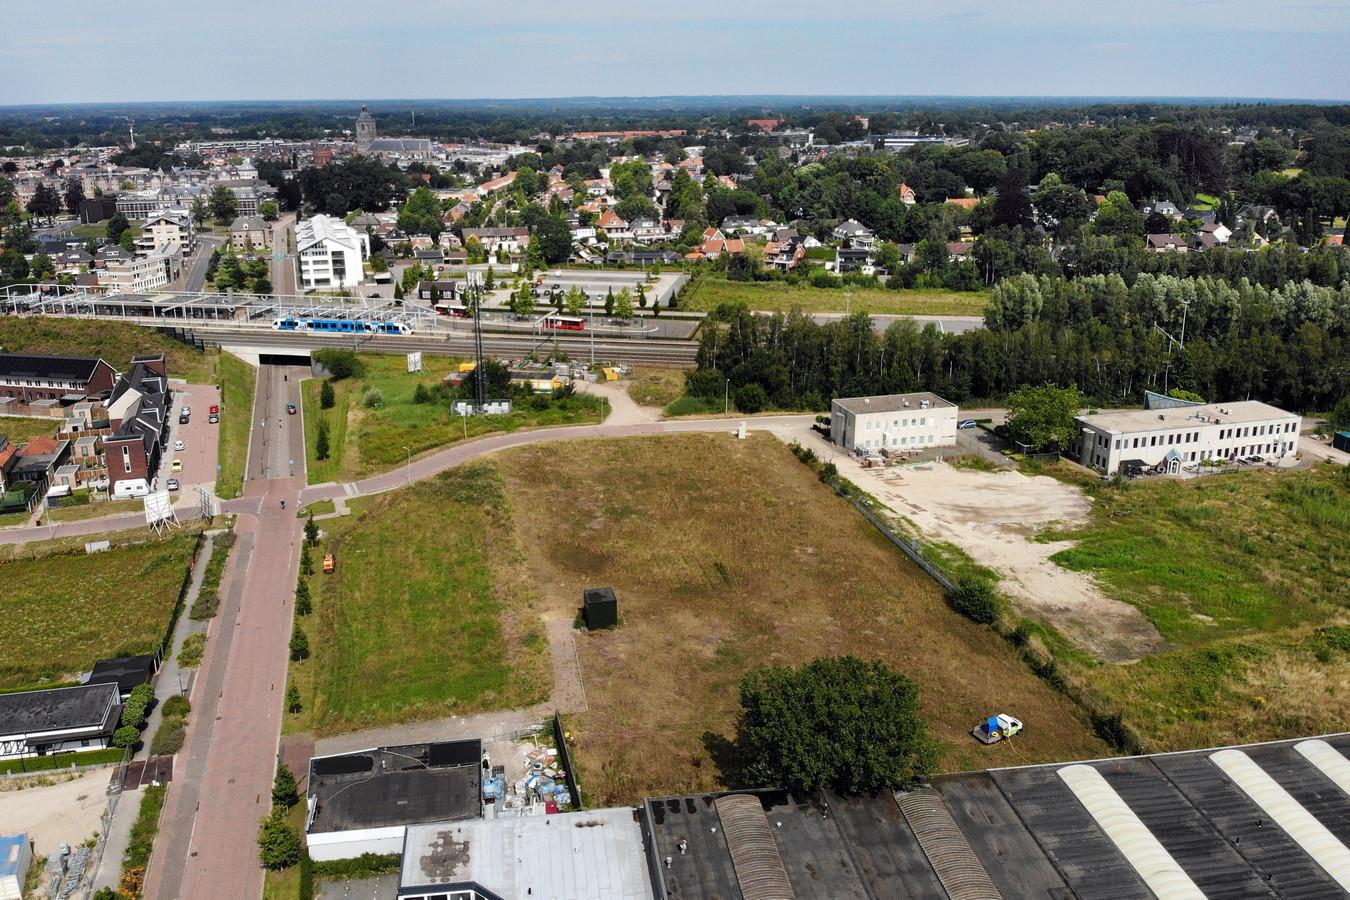 Meer dan honderd woningen gaan de komende jaren gebouwd worden in fase 2 van het plan Stakenbeek, op het terrein tussen de Parallelstraat en de Helmichstraat.